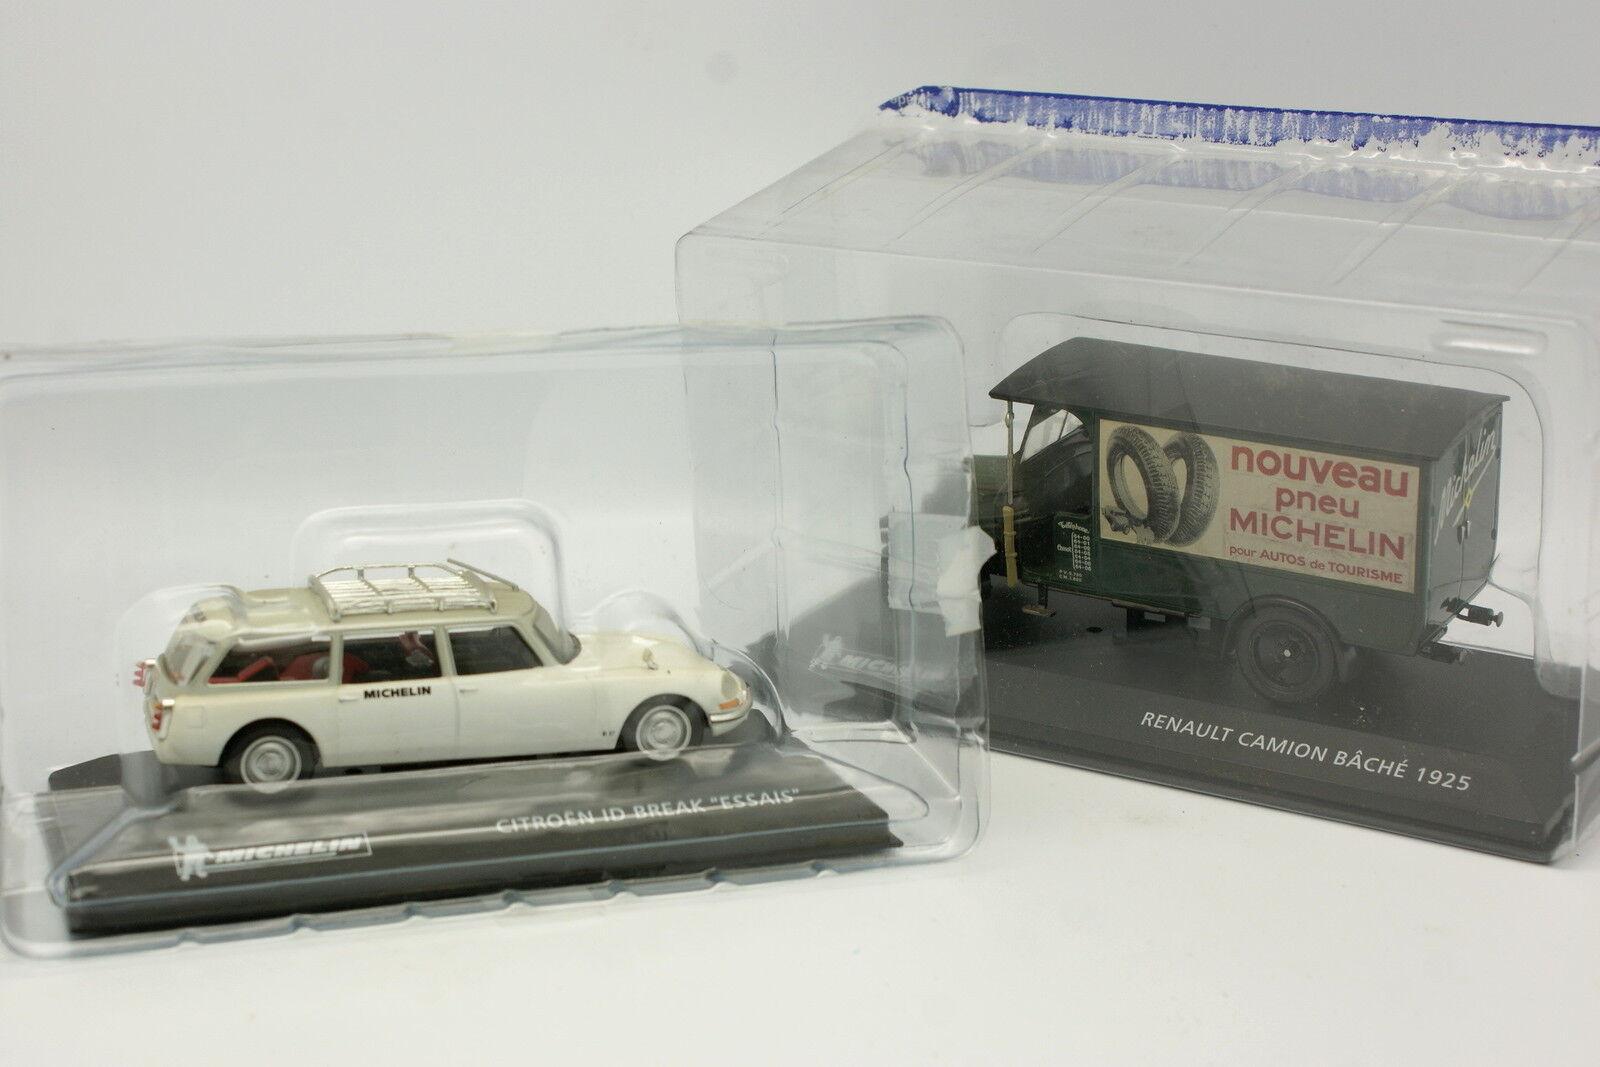 Ixo Norev Norev Norev Press 1 43 - Set of 2 Michelin Citroen Renault 9ea16a